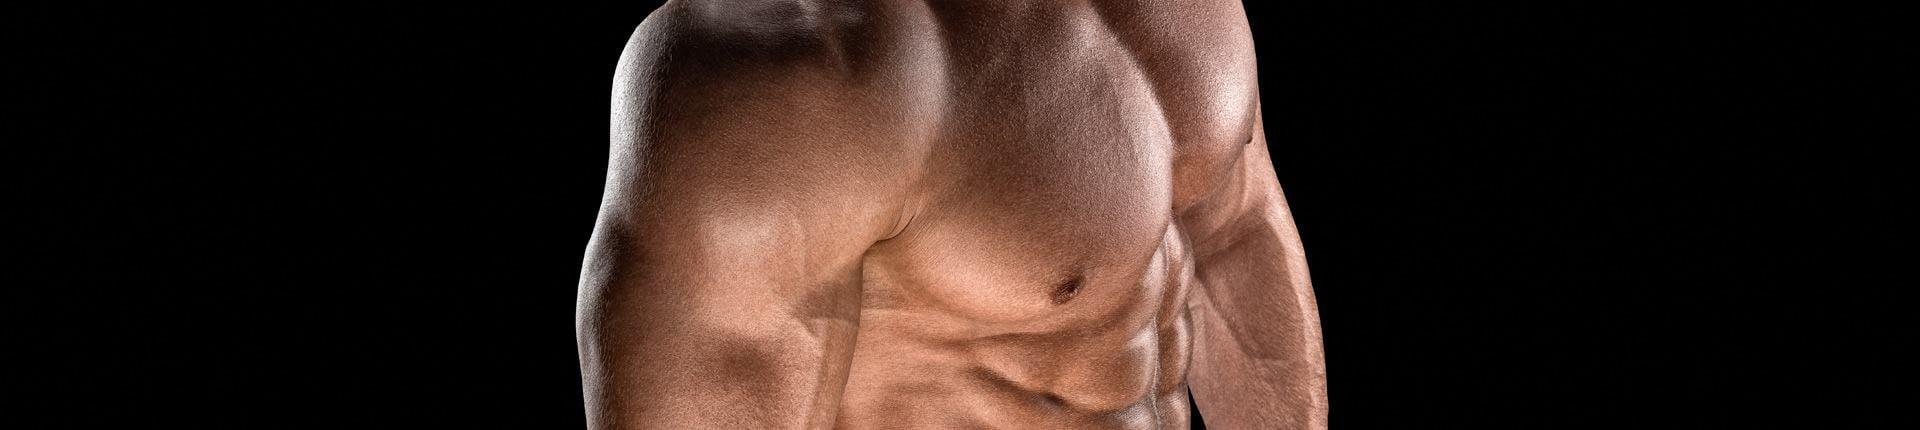 Nowa konkurencja w IFBB: Men's Classic Physique